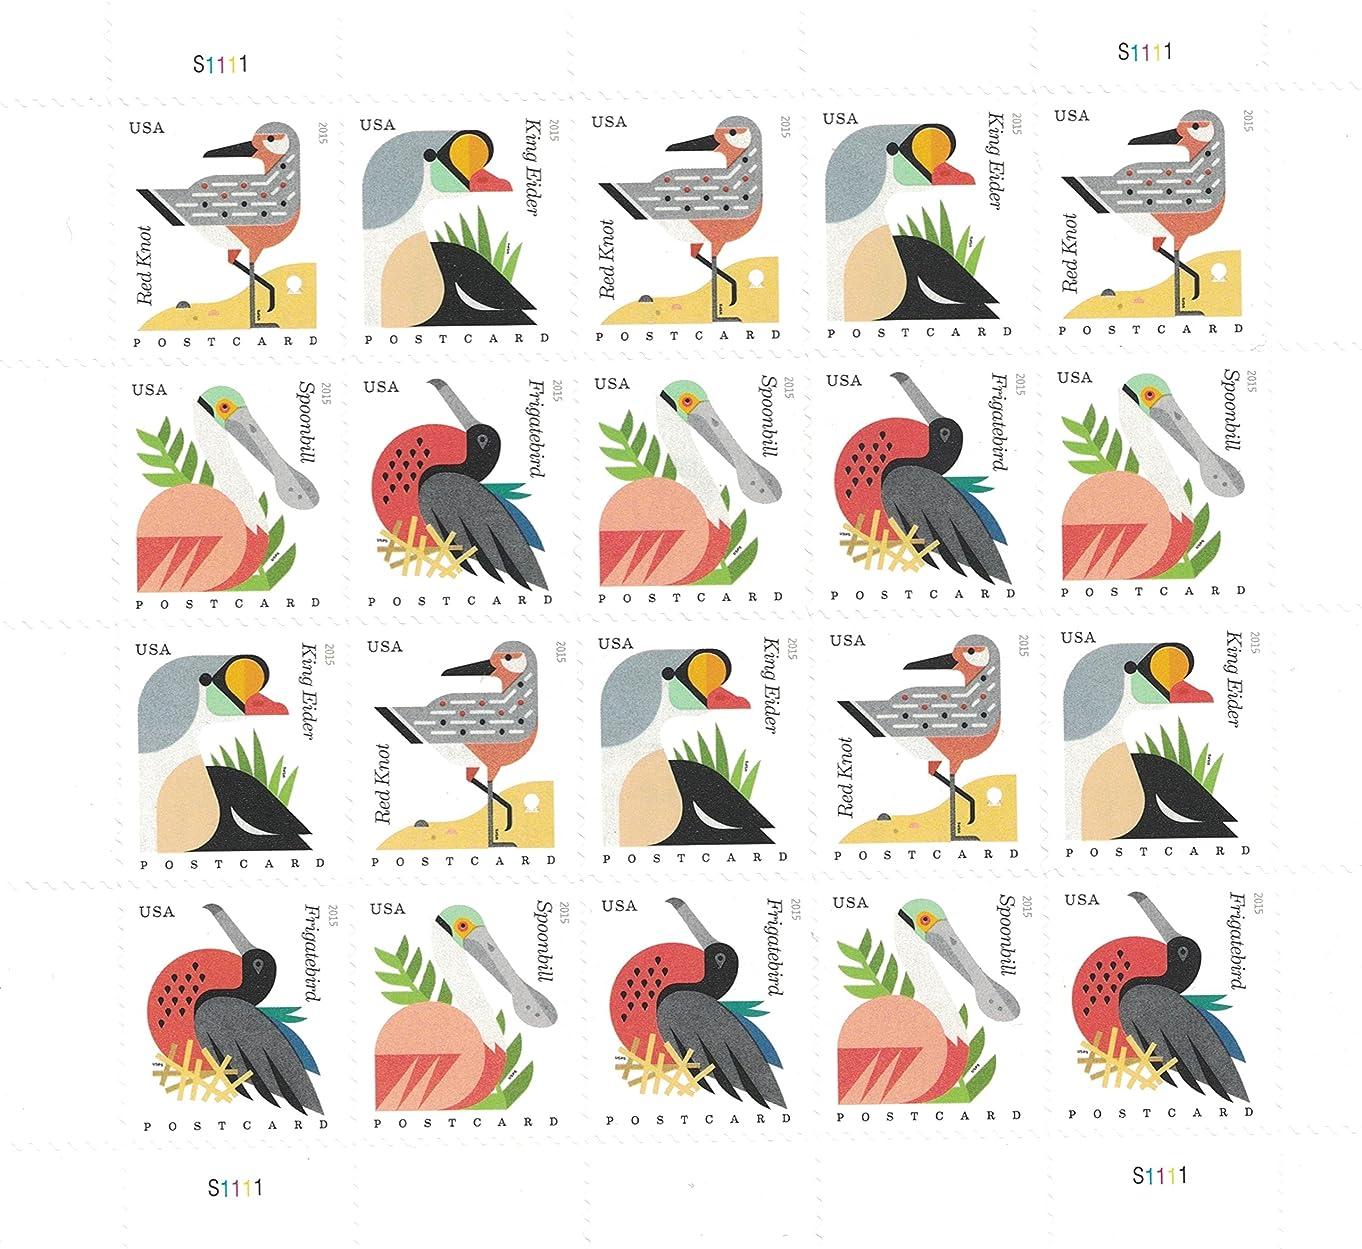 Coastal Birds Sheet of 20 Postcard Forever U.S. Postage Stamps by USPS